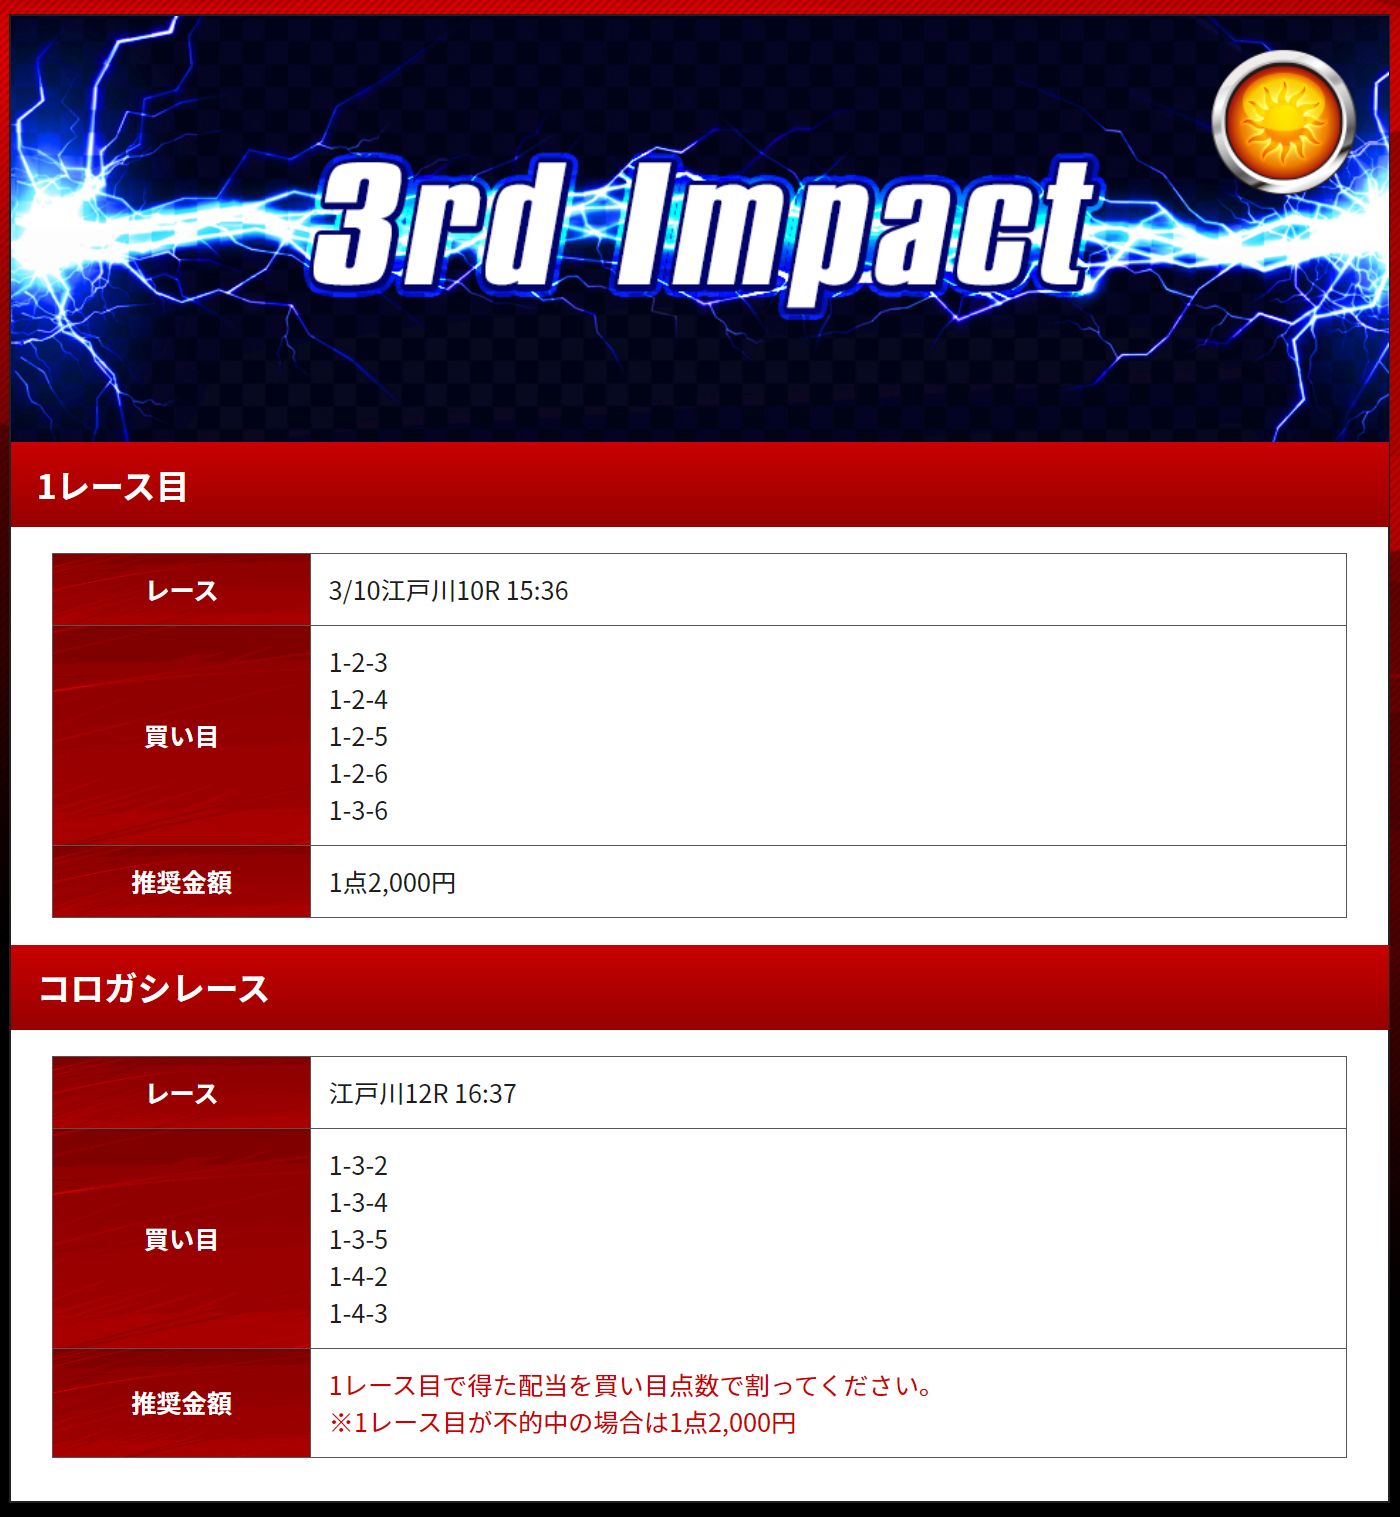 競艇IMPACT(インパクト) 優良競艇予想サイト・悪徳競艇予想サイトの口コミ検証や無料情報の予想結果も公開中 2020年3月10日 有料情報「3rd Impact」デイ買い目